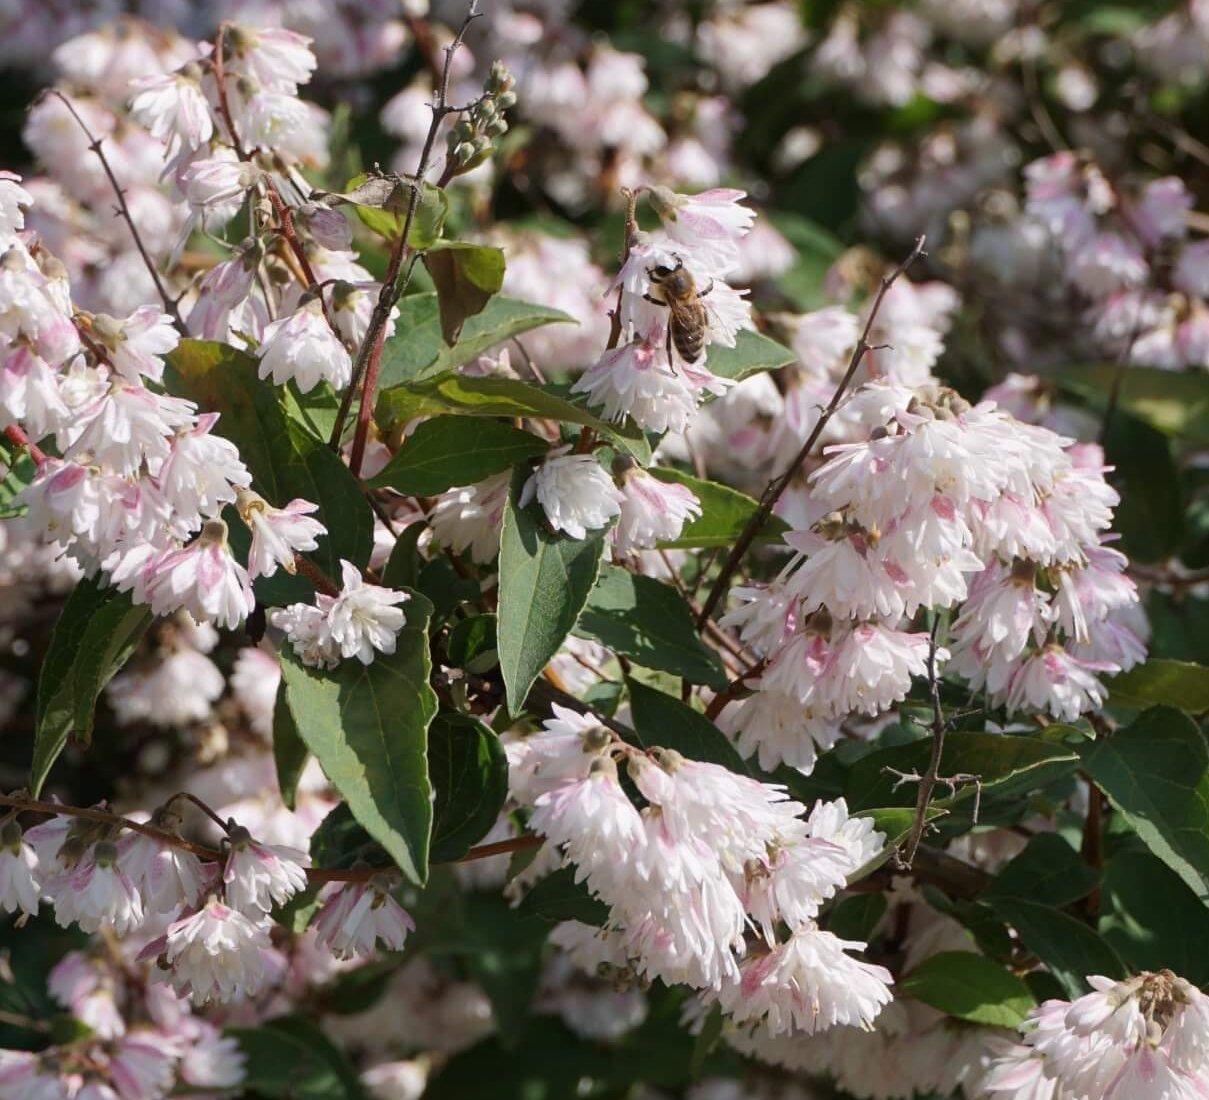 Das Bild zeigt die Blüten der Glocken-Deutzie mit einer Biene auf einer der Blüten.